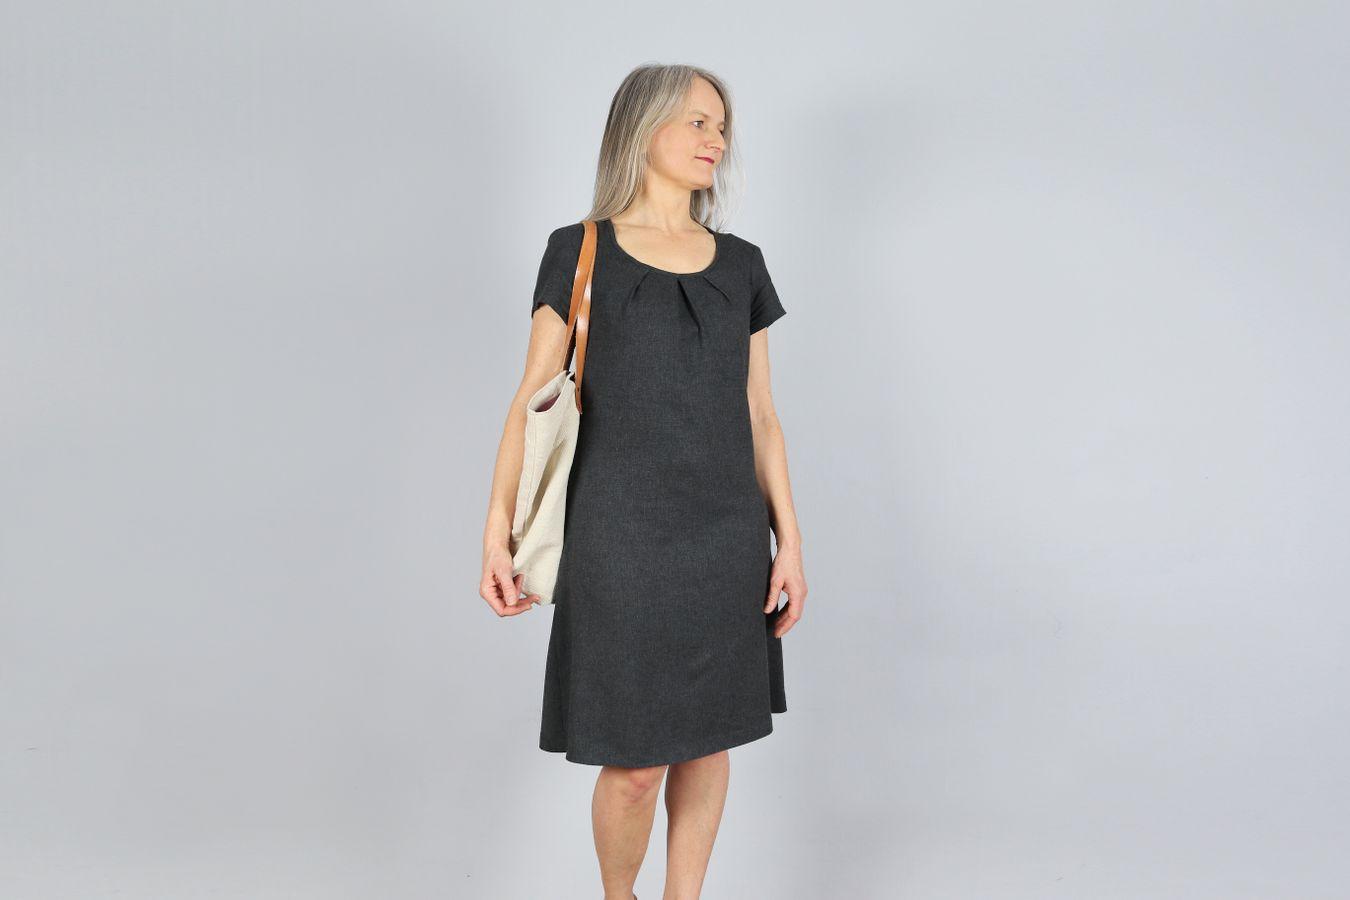 Produktfoto 5 von STUDIO SCHNITTREIF für Schnittmuster AMELAND und FRAU AMELAND • Kleider im Partnerlook,  e-book Kombi